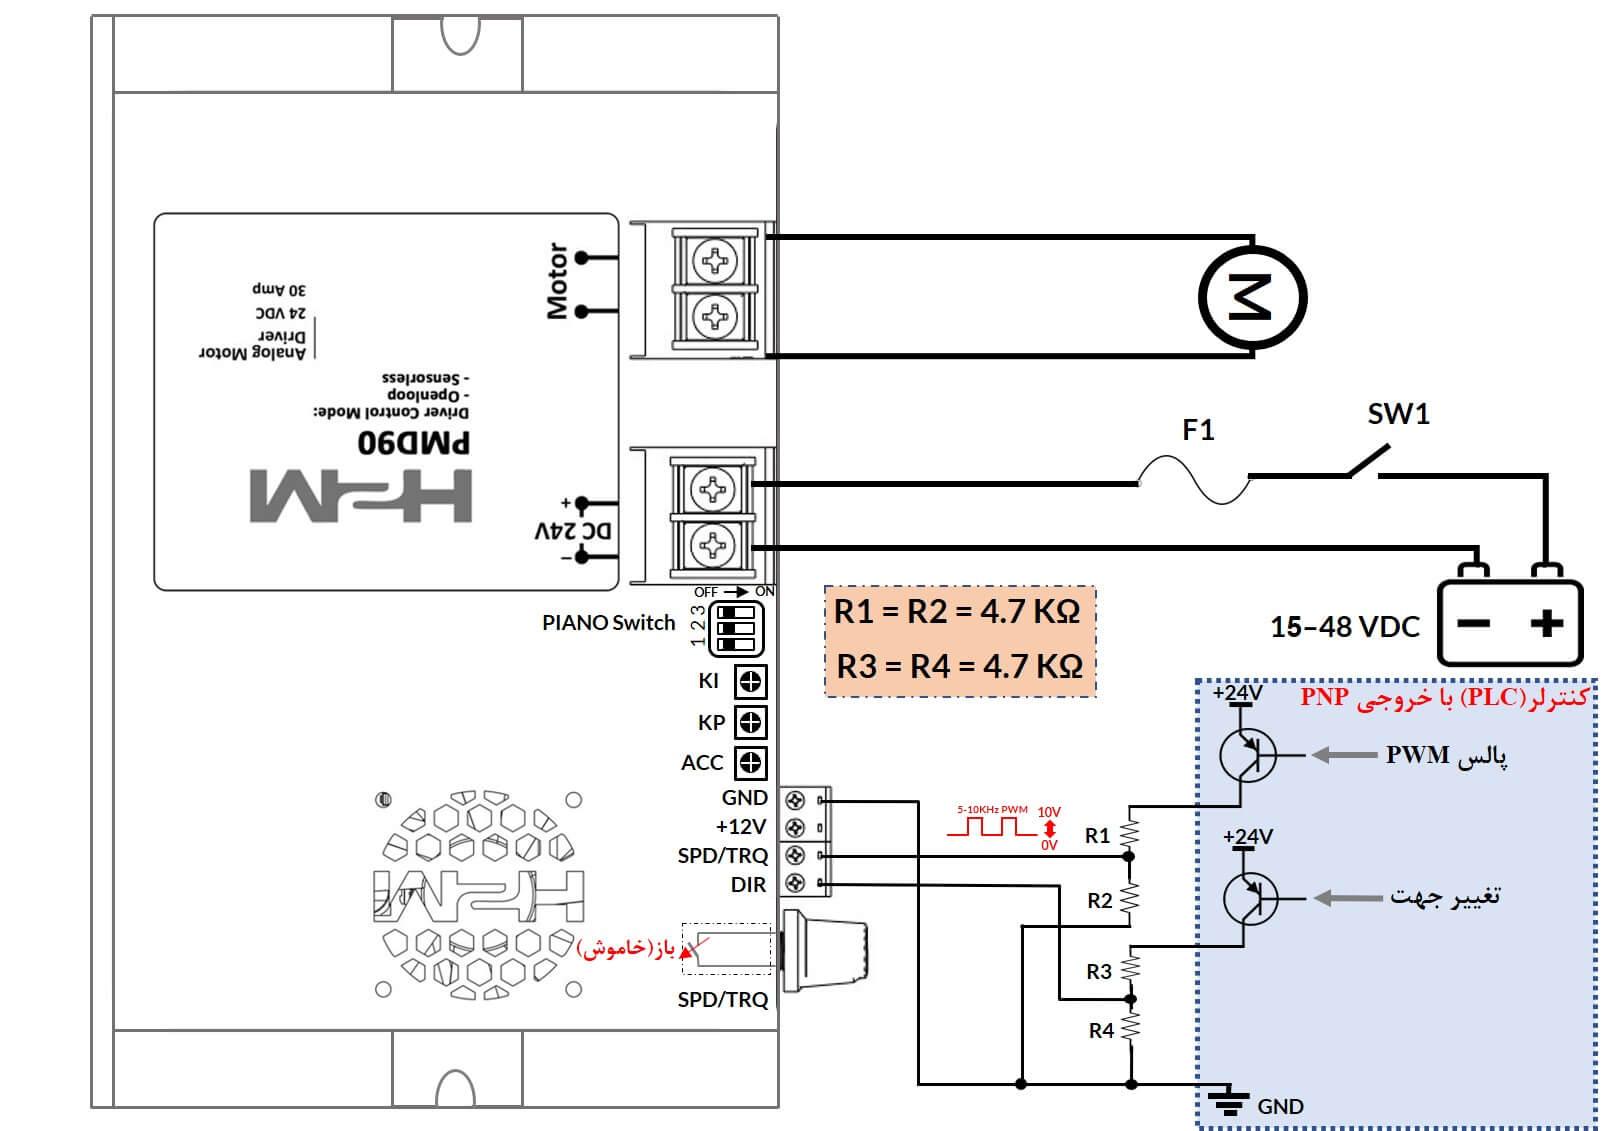 راه اندازی درایور PMD90 با کنترلر با خروجی PNP با پالس PWM